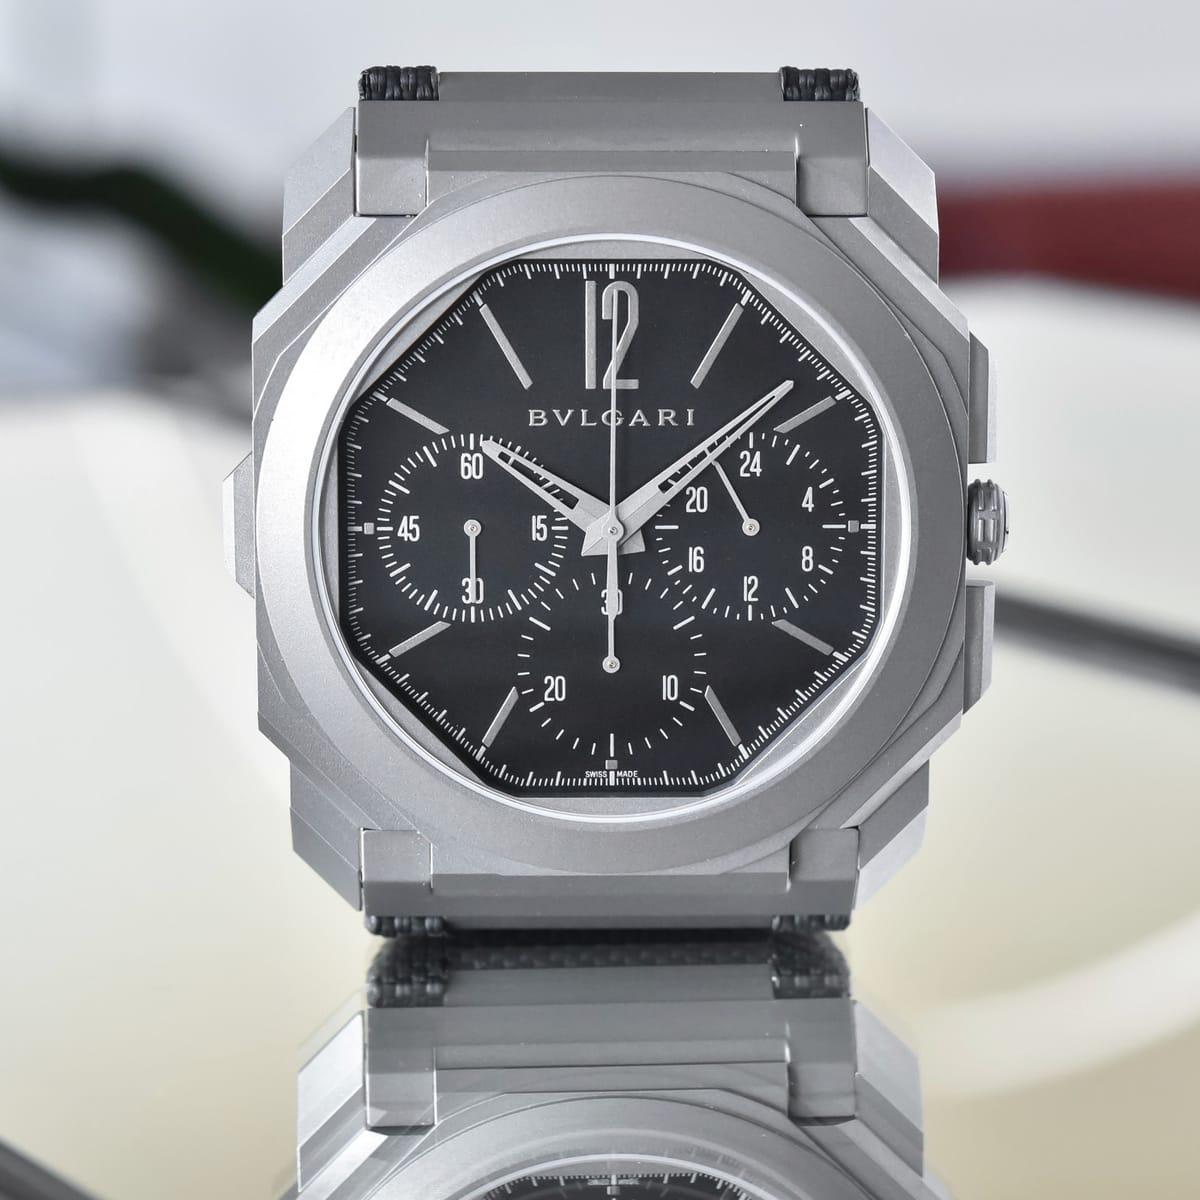 Bulgari Octo Finissimo Chronograph GMT Titanium